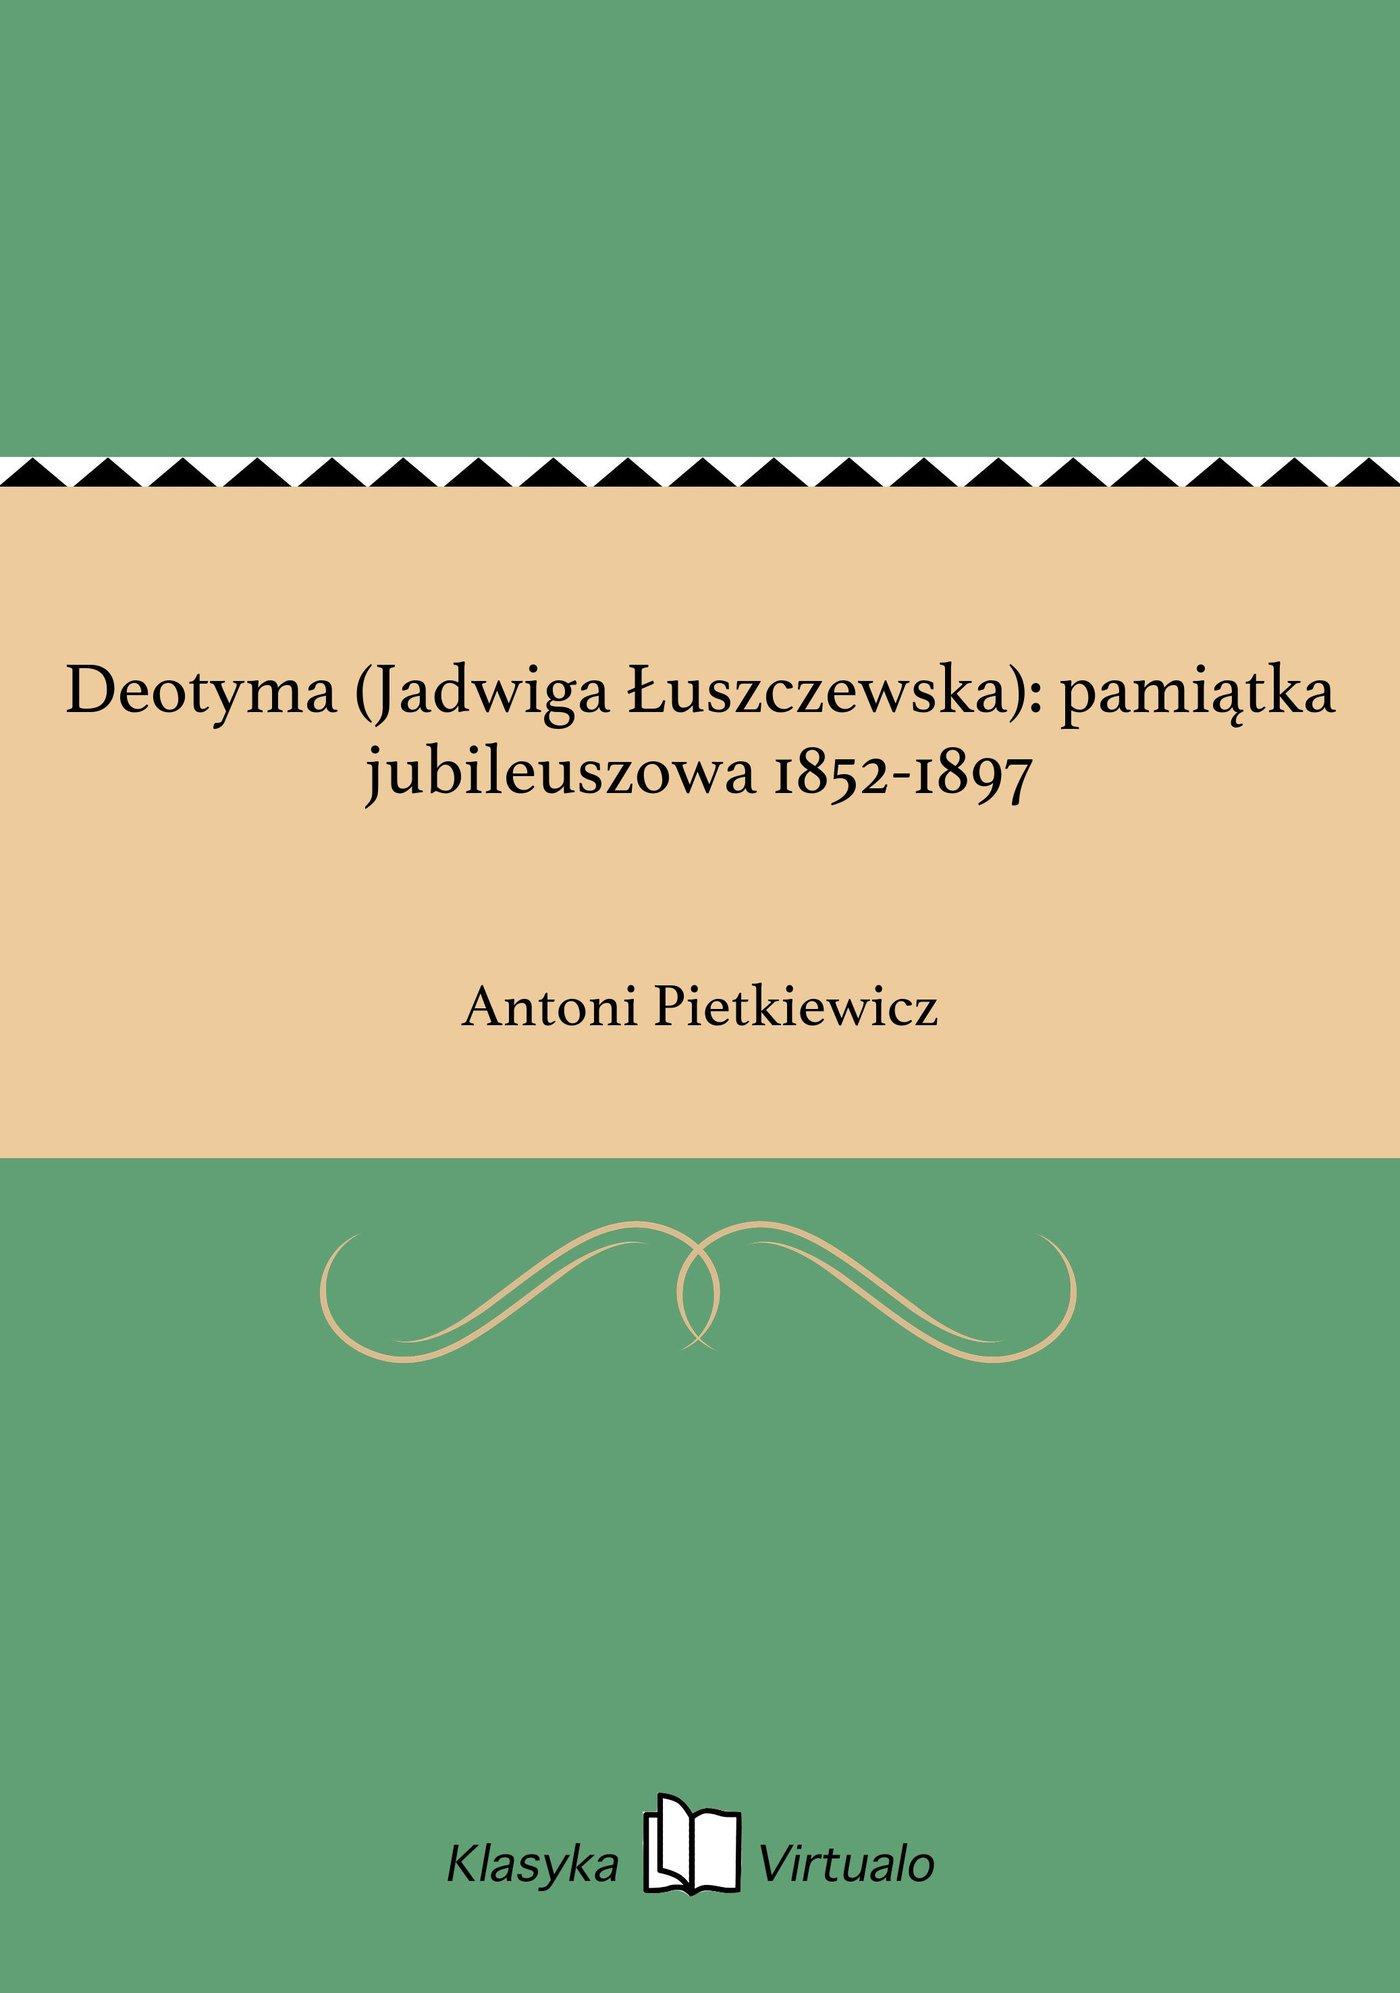 Deotyma (Jadwiga Łuszczewska): pamiątka jubileuszowa 1852-1897 - Ebook (Książka EPUB) do pobrania w formacie EPUB